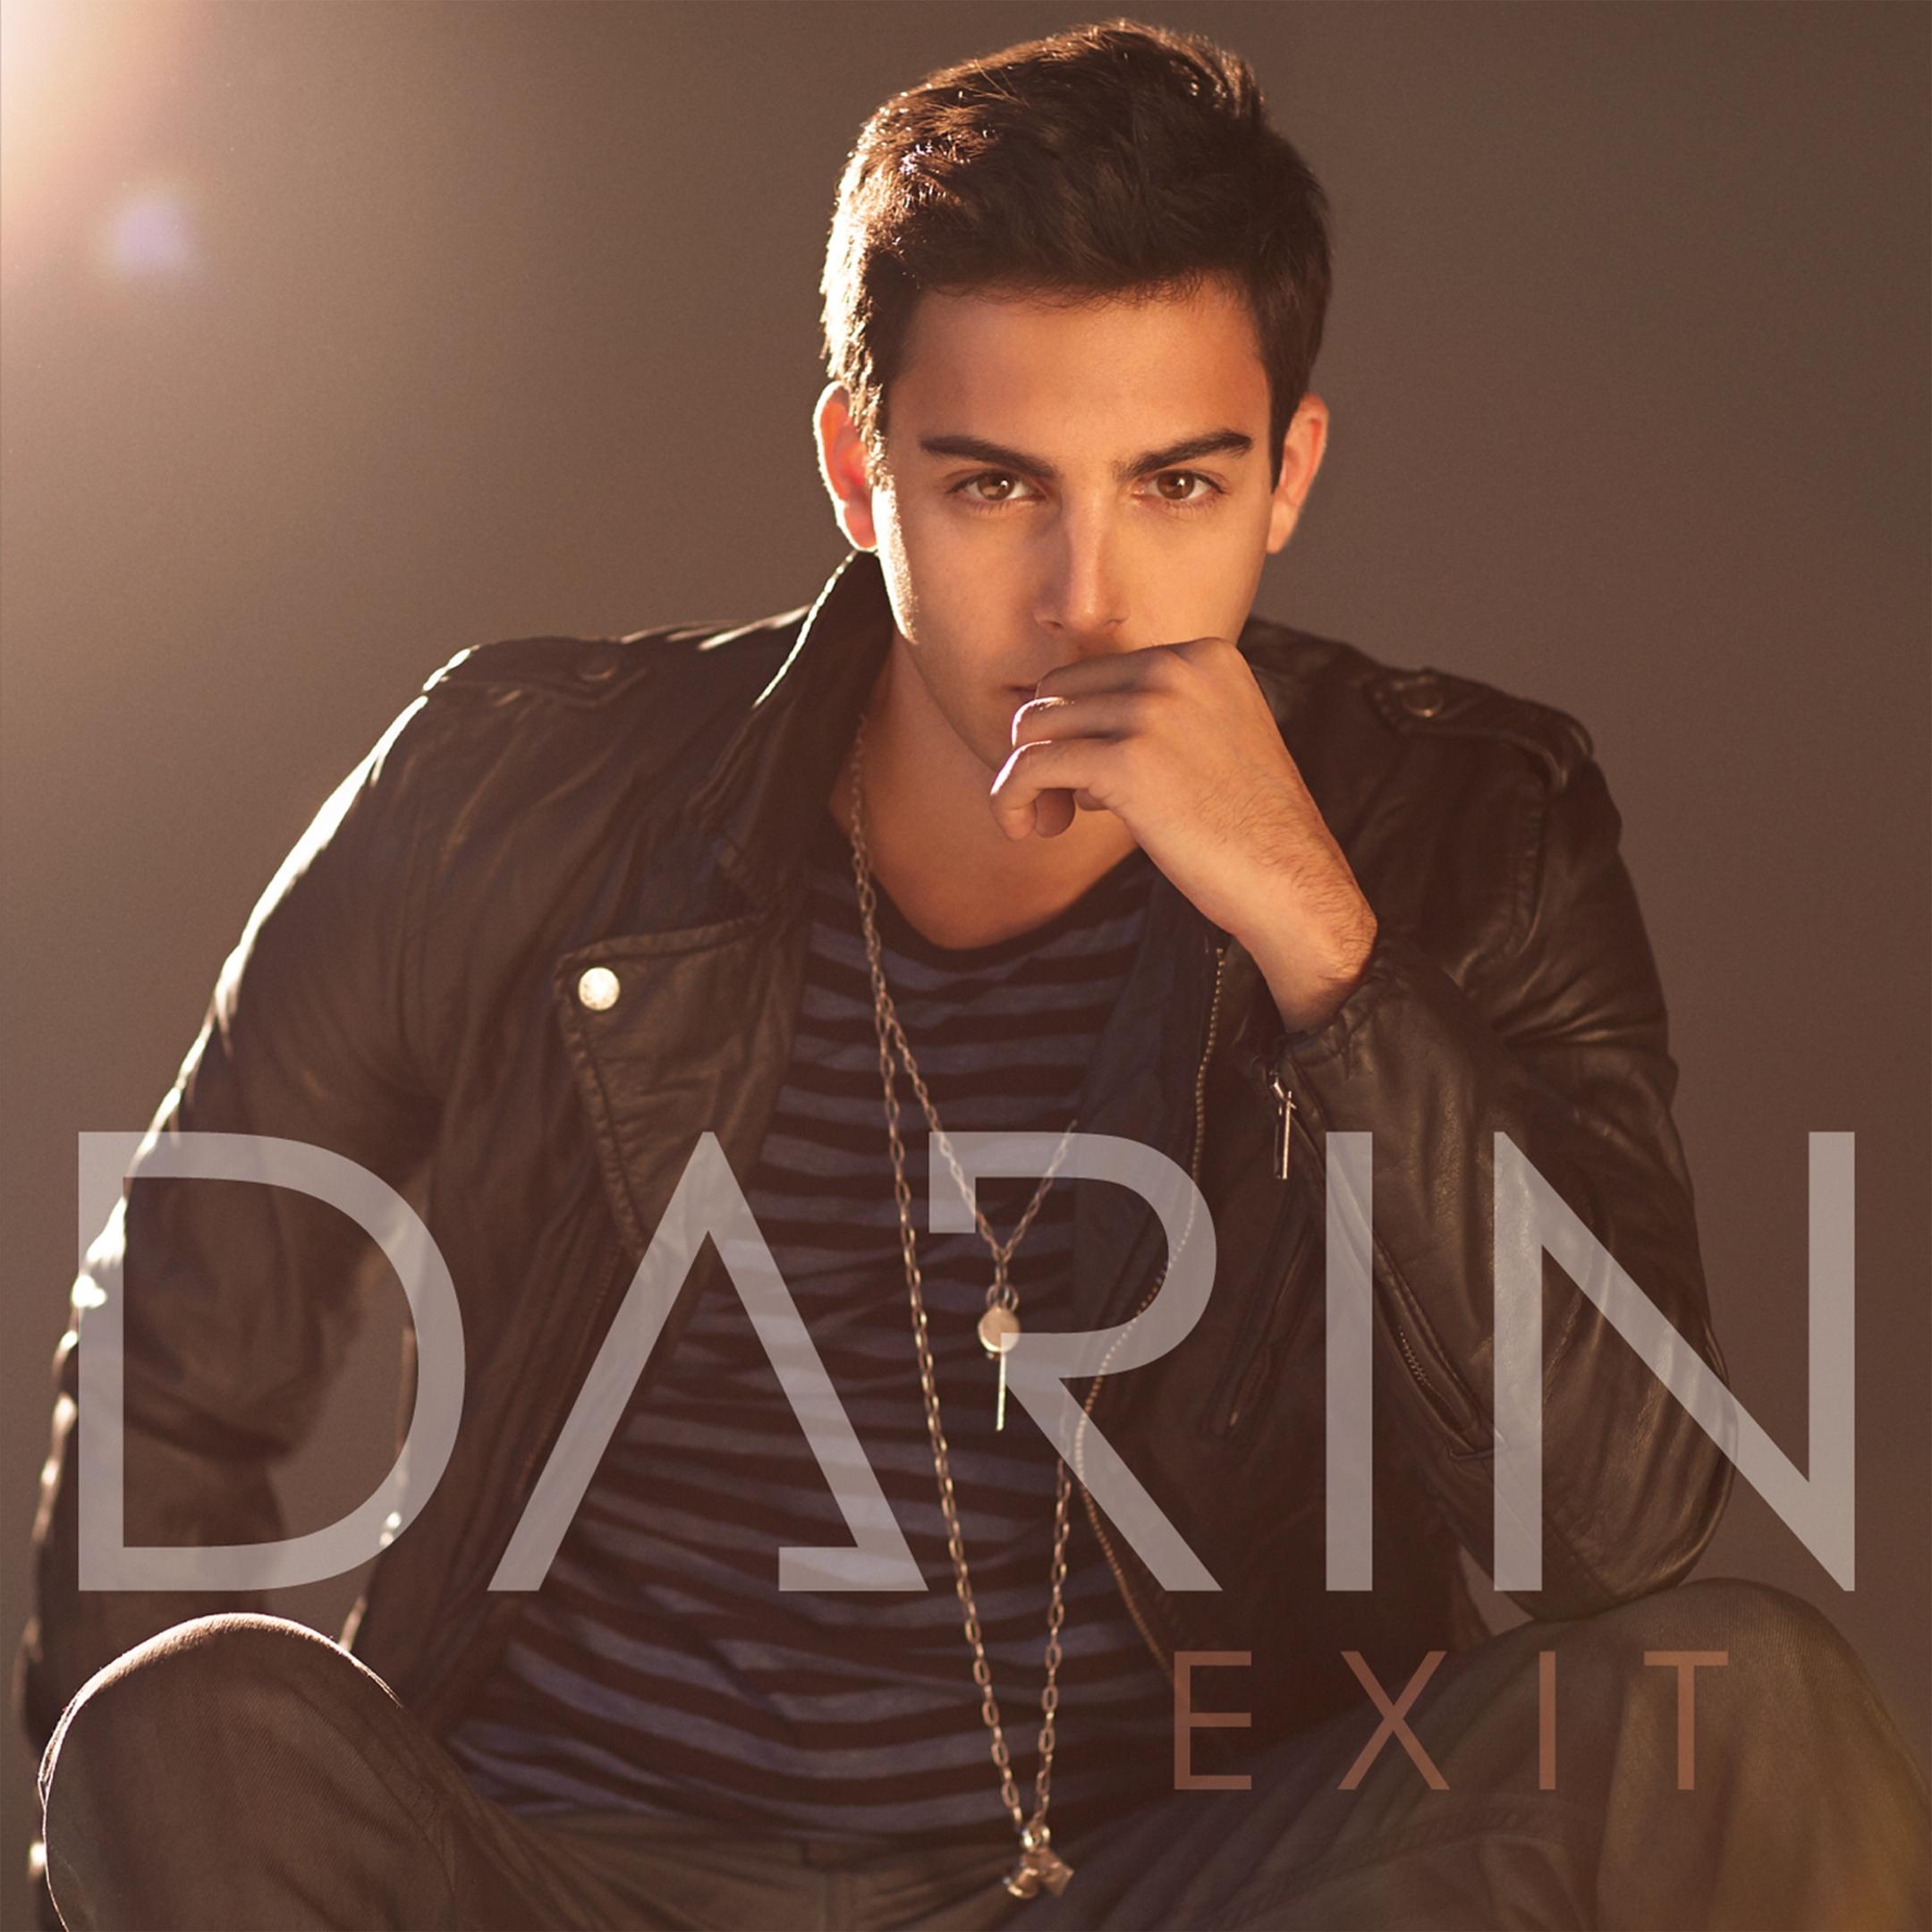 Darin album Exit